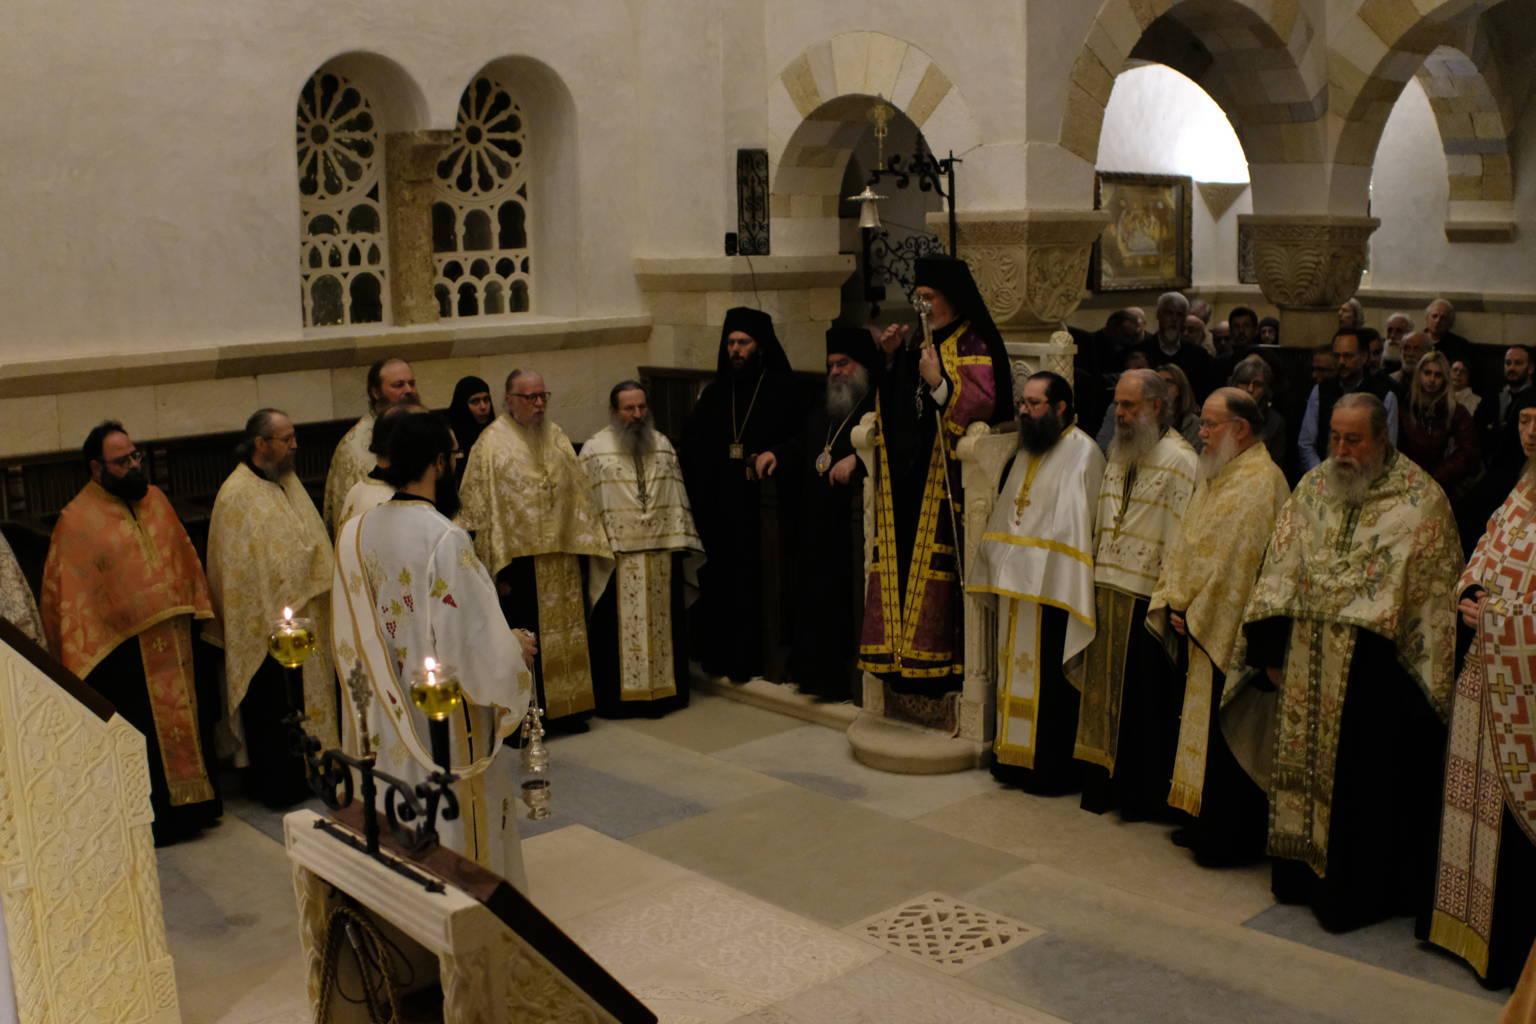 12 10 2019 47 - Λαμπρά εγκαίνια του Καθολικού της Ι. Μονής Αγίας Σκέπης Σολάν